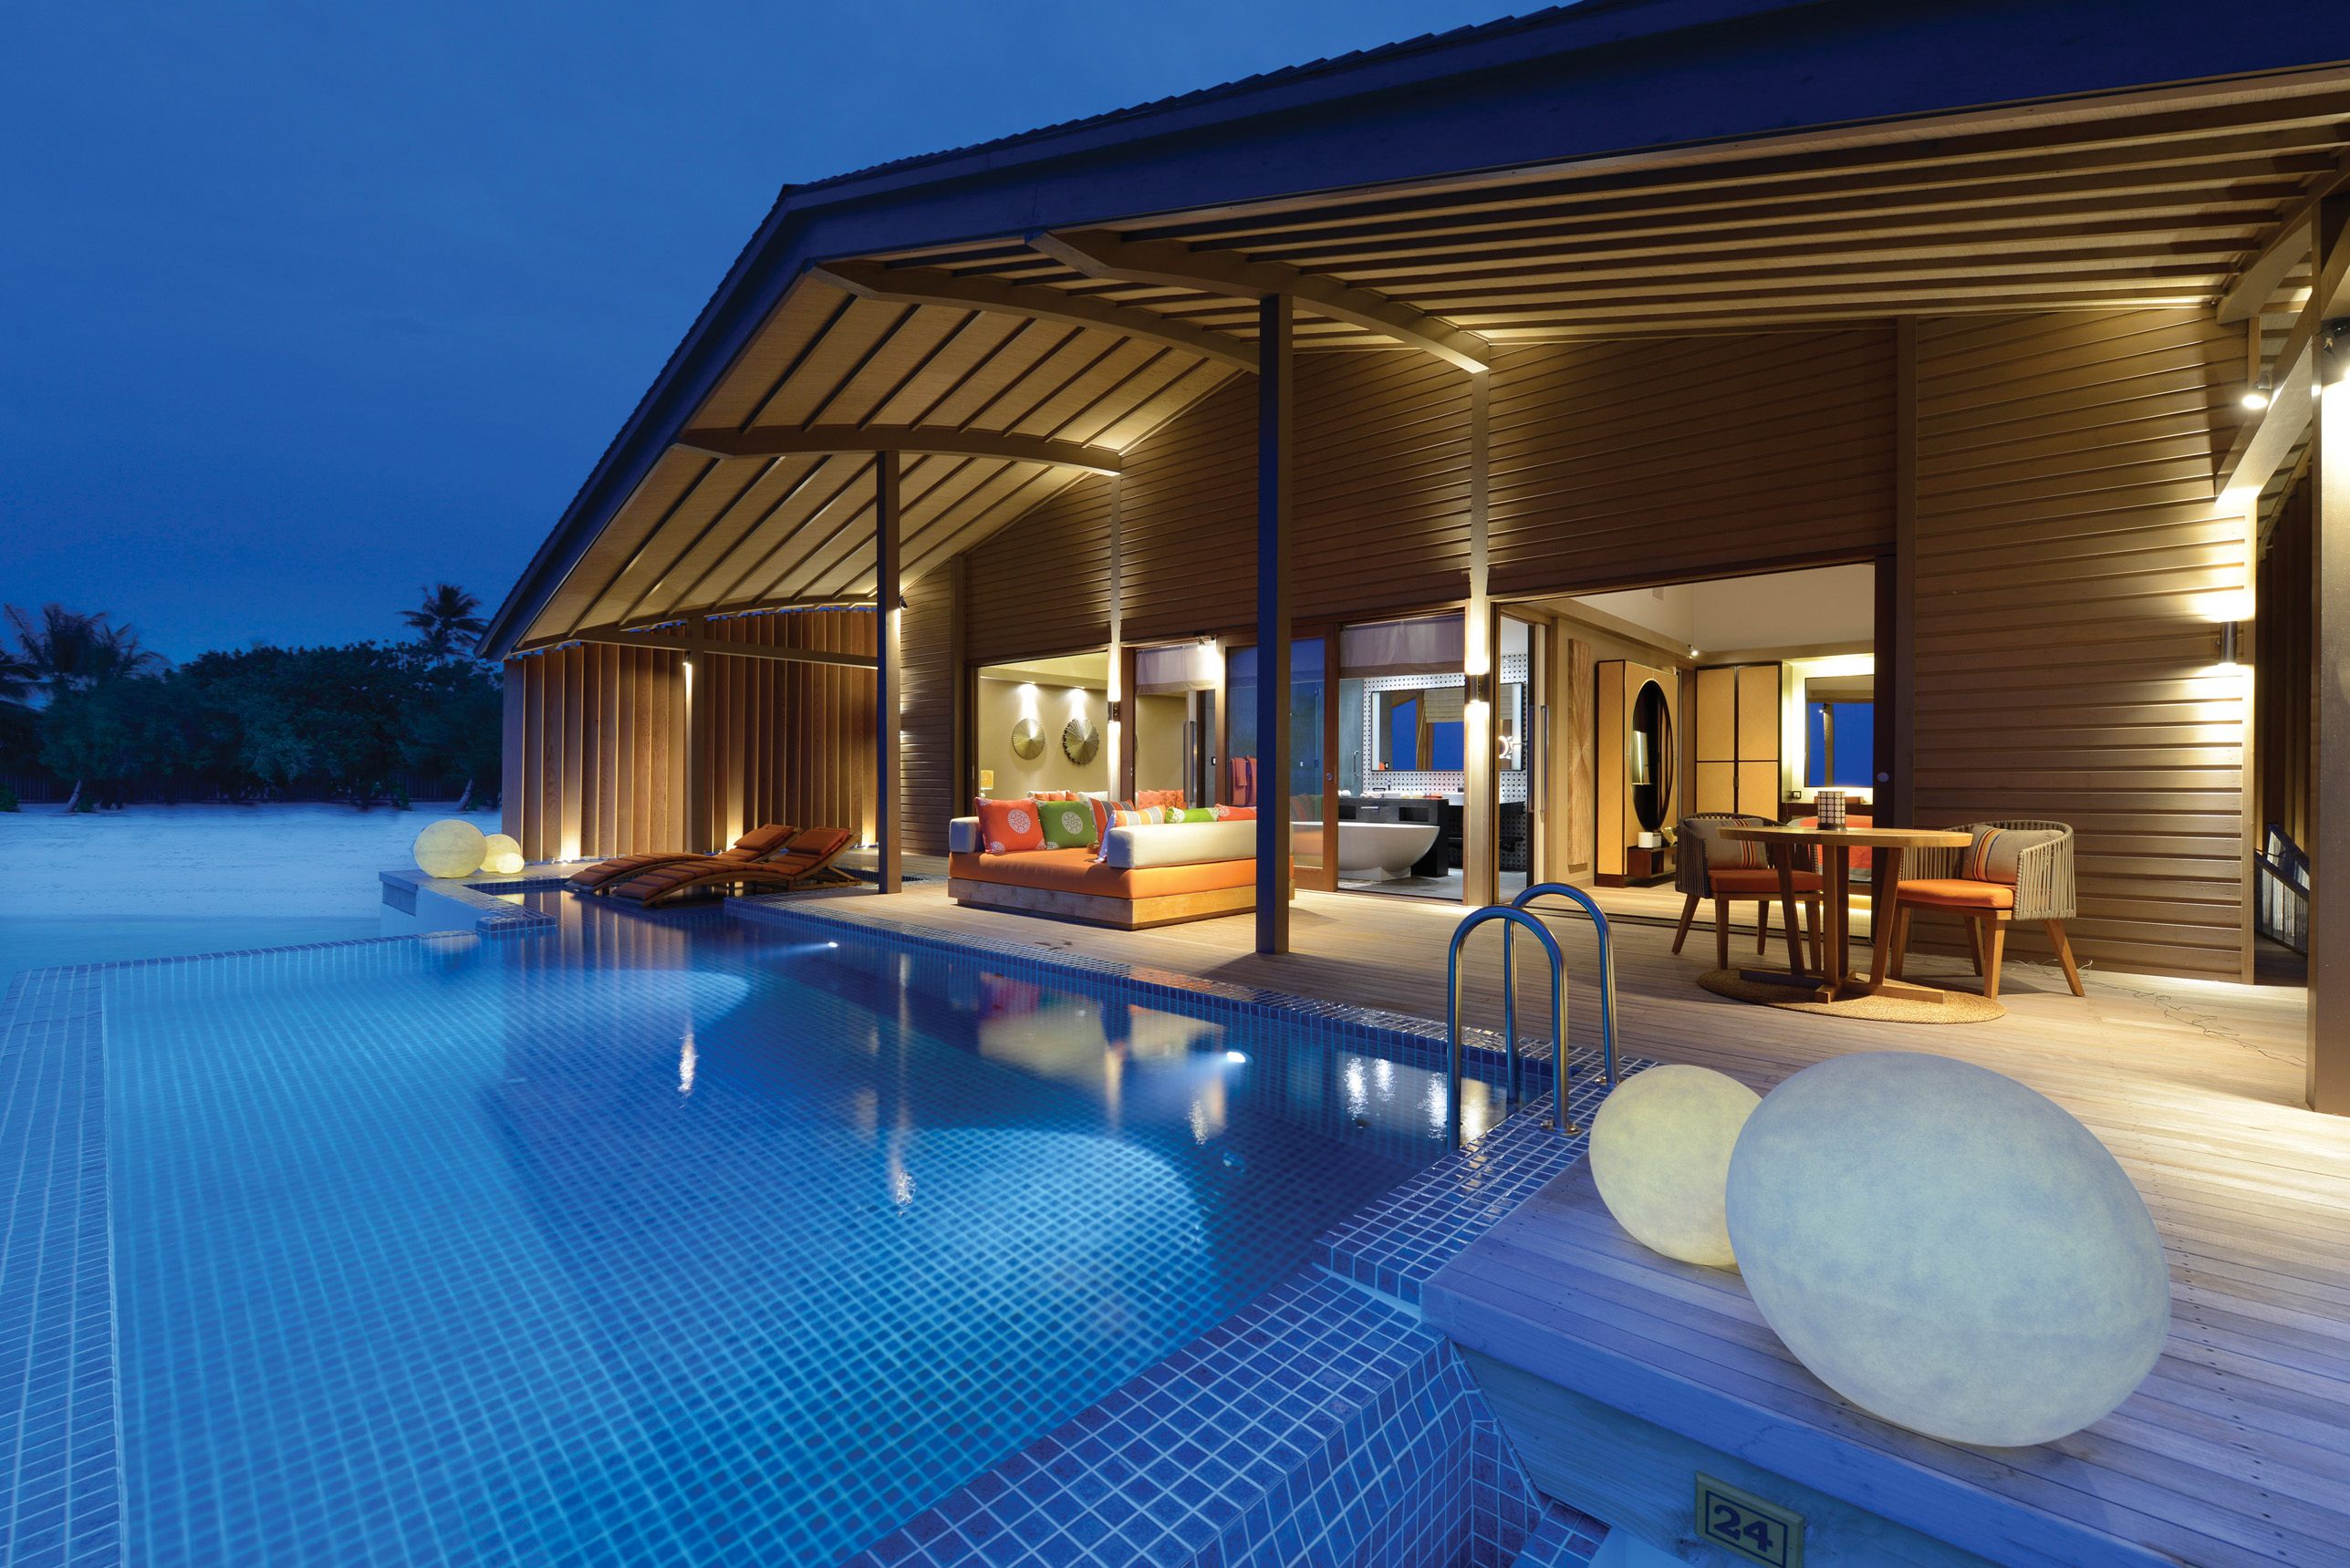 Club Med馬爾地夫芬尼芙別墅,每棟別墅均擁有寬敞空間及私人泳池。